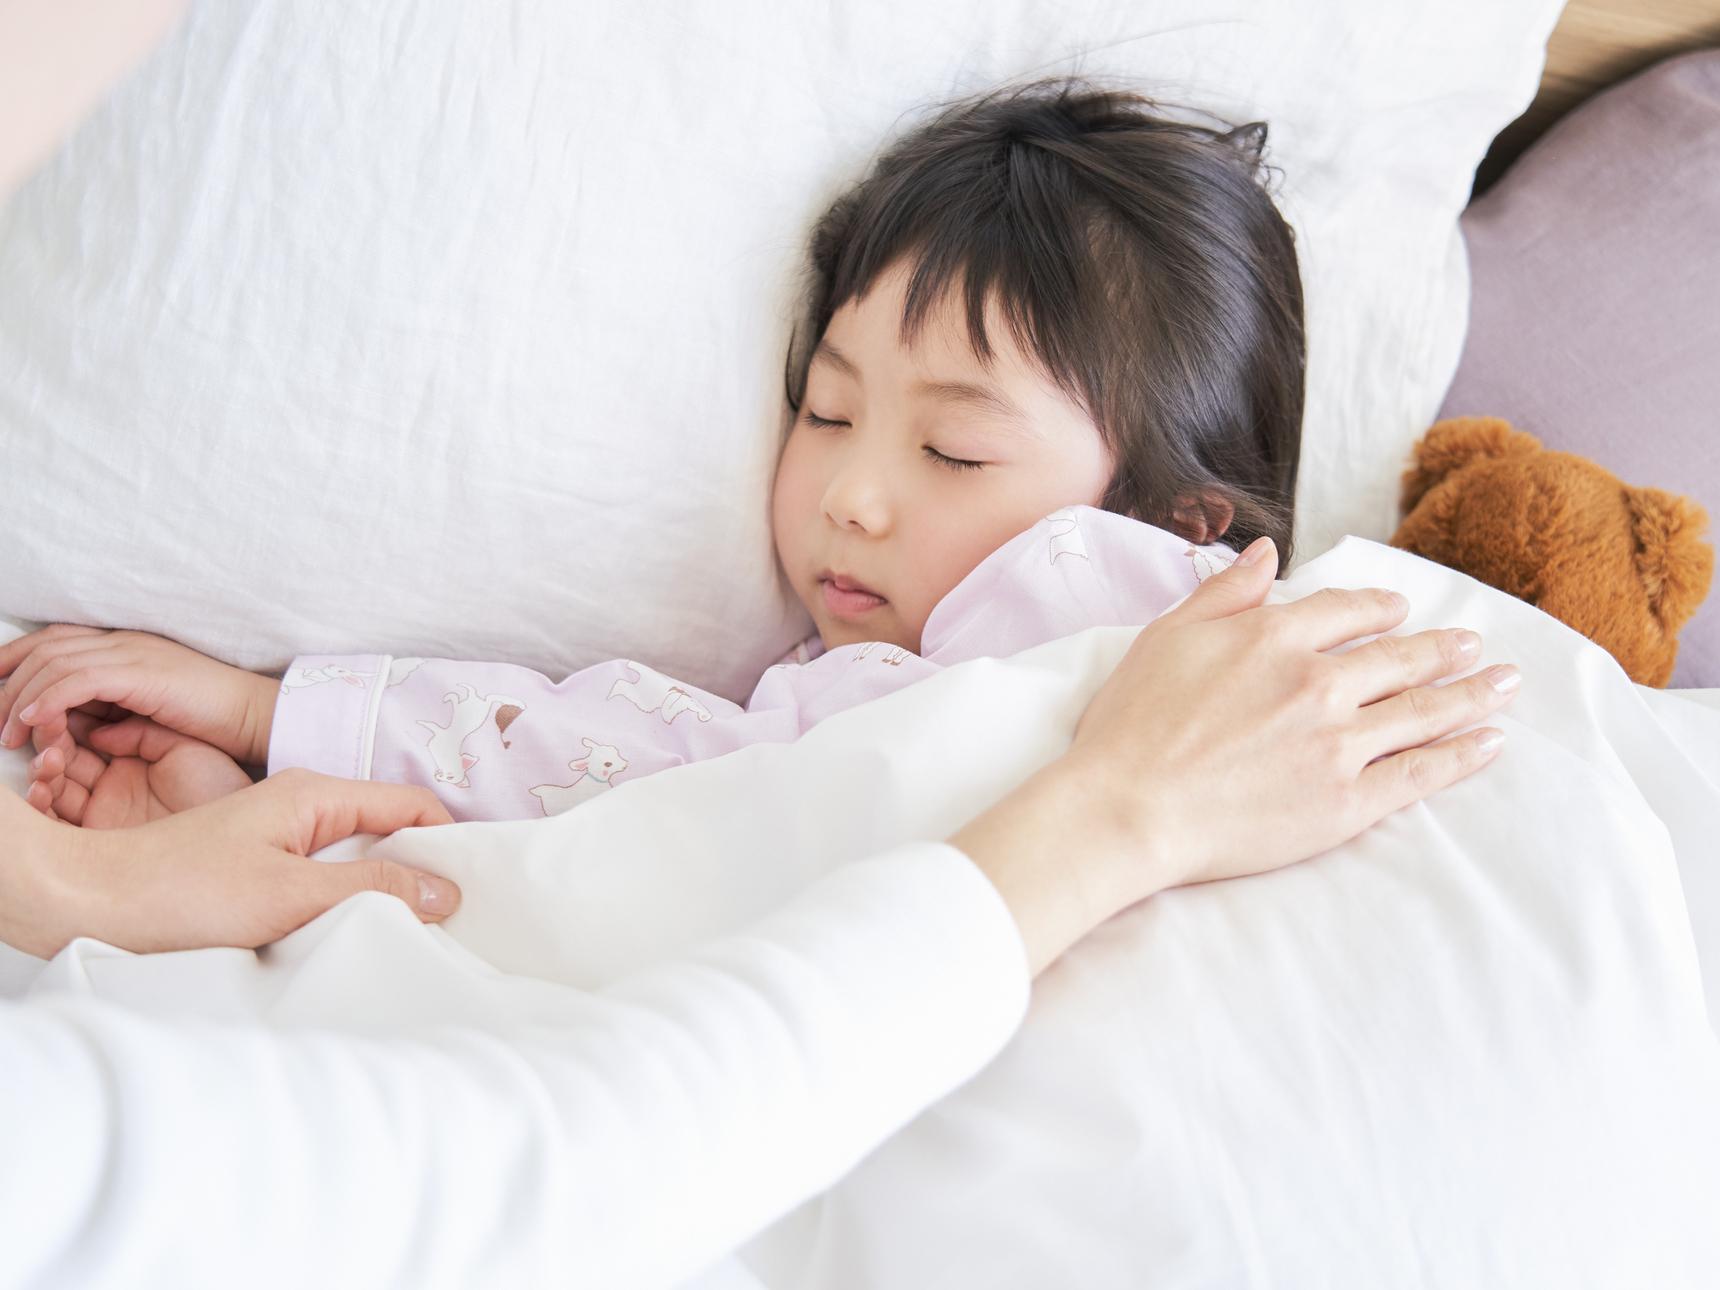 赤ちゃん 寝る 時間 遅い